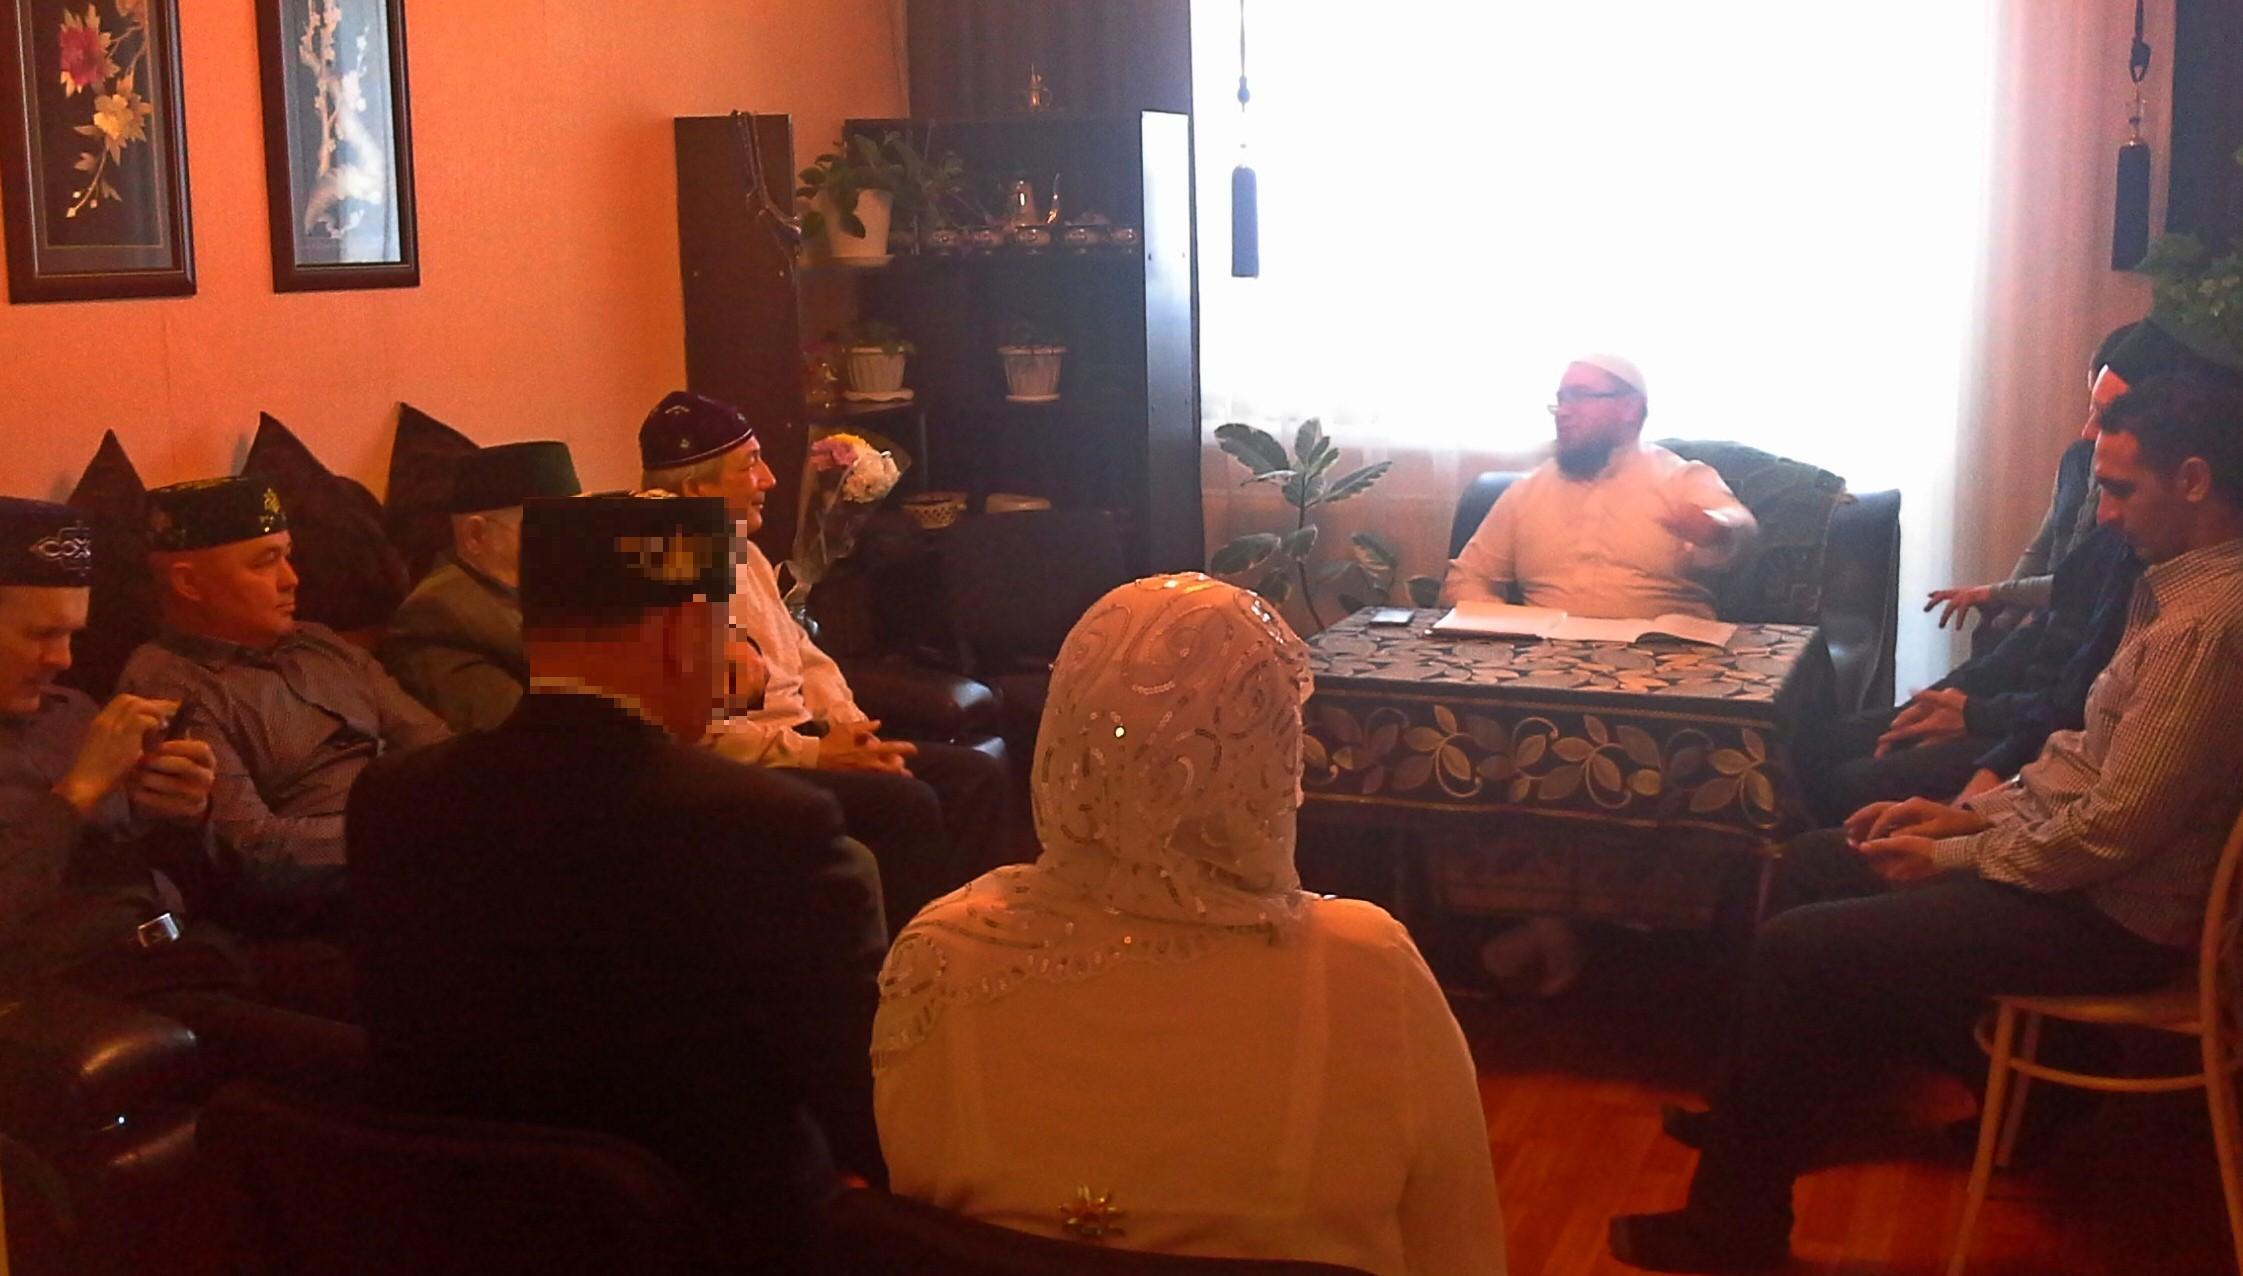 Татарская община Хабаровска провела традиционный мусульманский обряд «Никах»